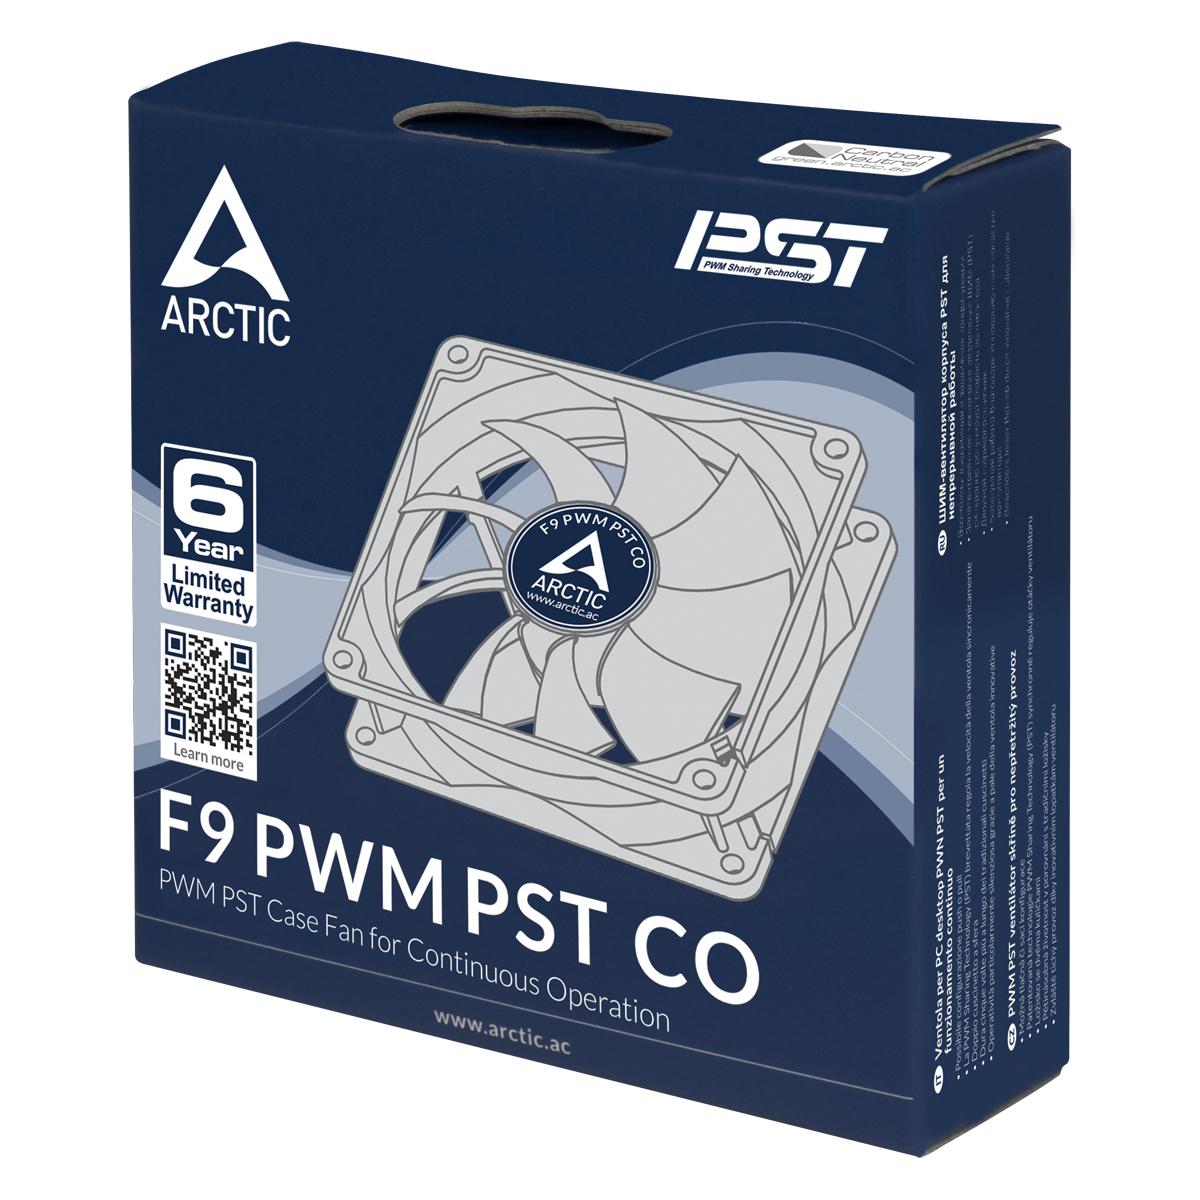 F9 PWM PST CO